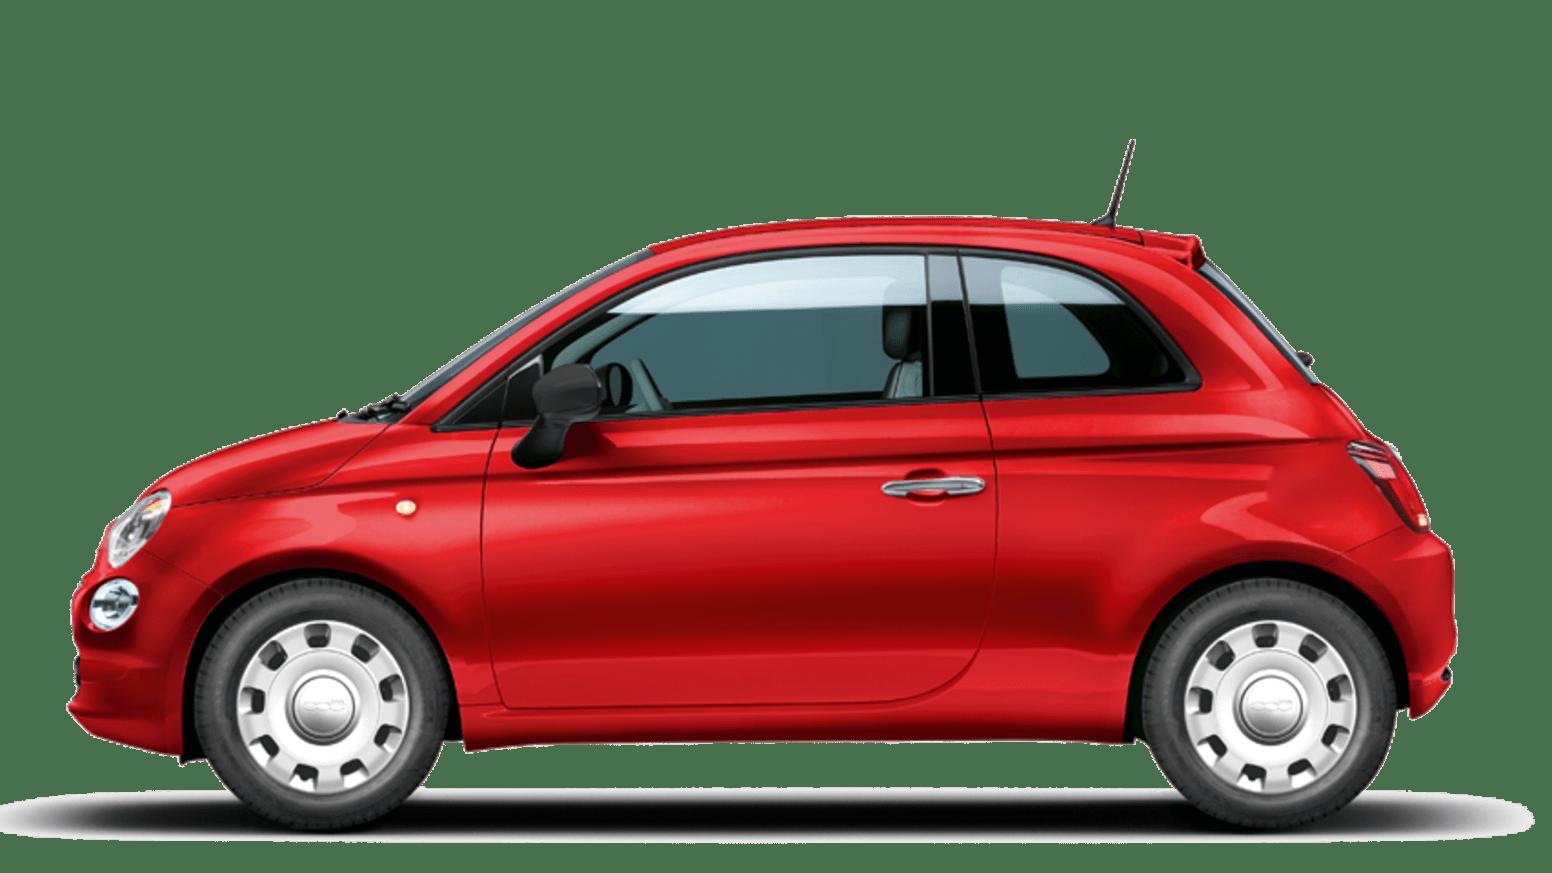 Fiat 500 Pop Side